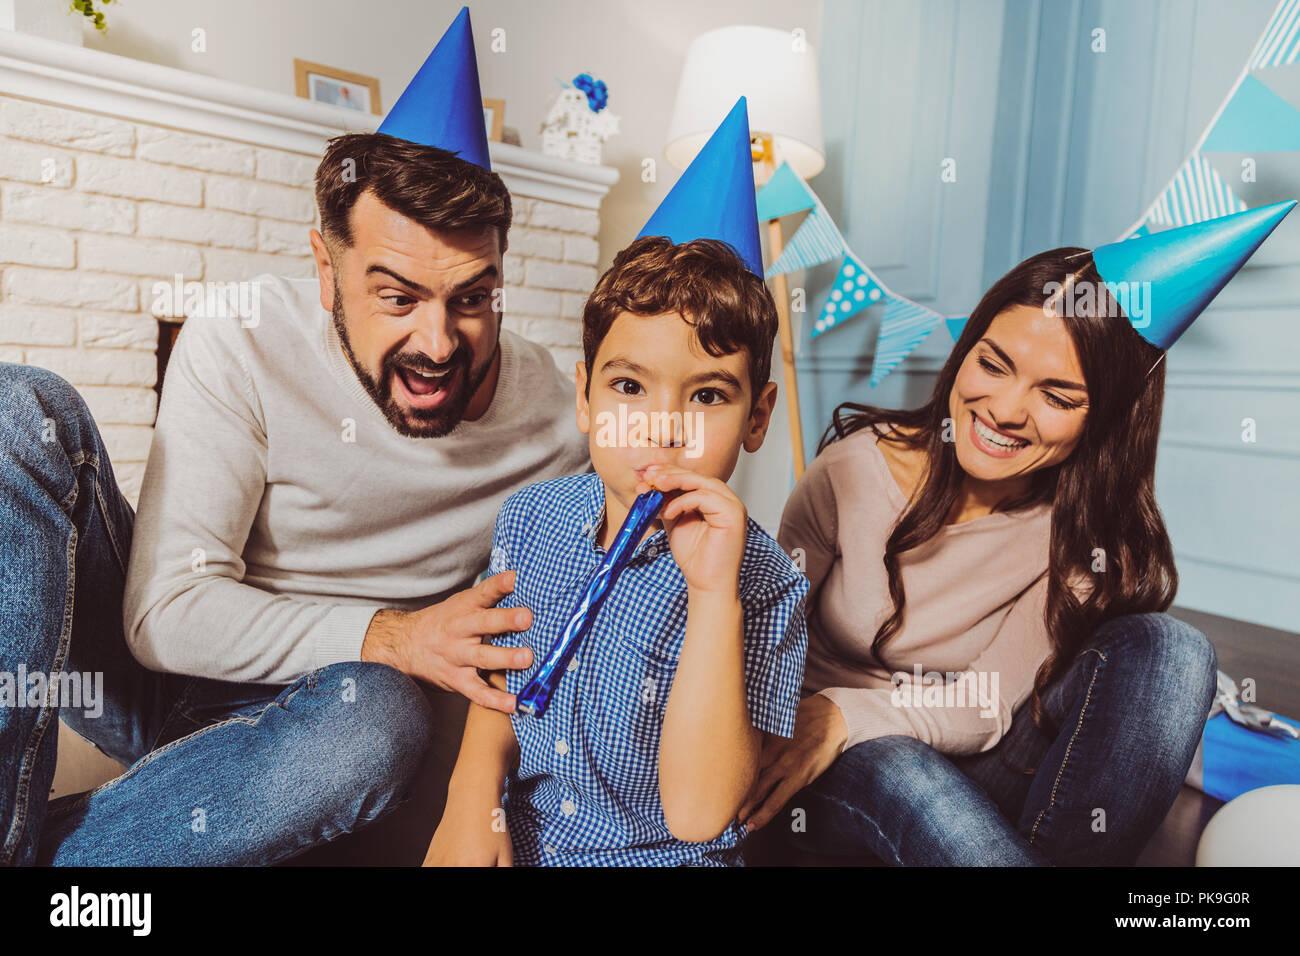 Bonita familia cariñosa disfrutando de la fiesta de cumpleaños Foto de stock